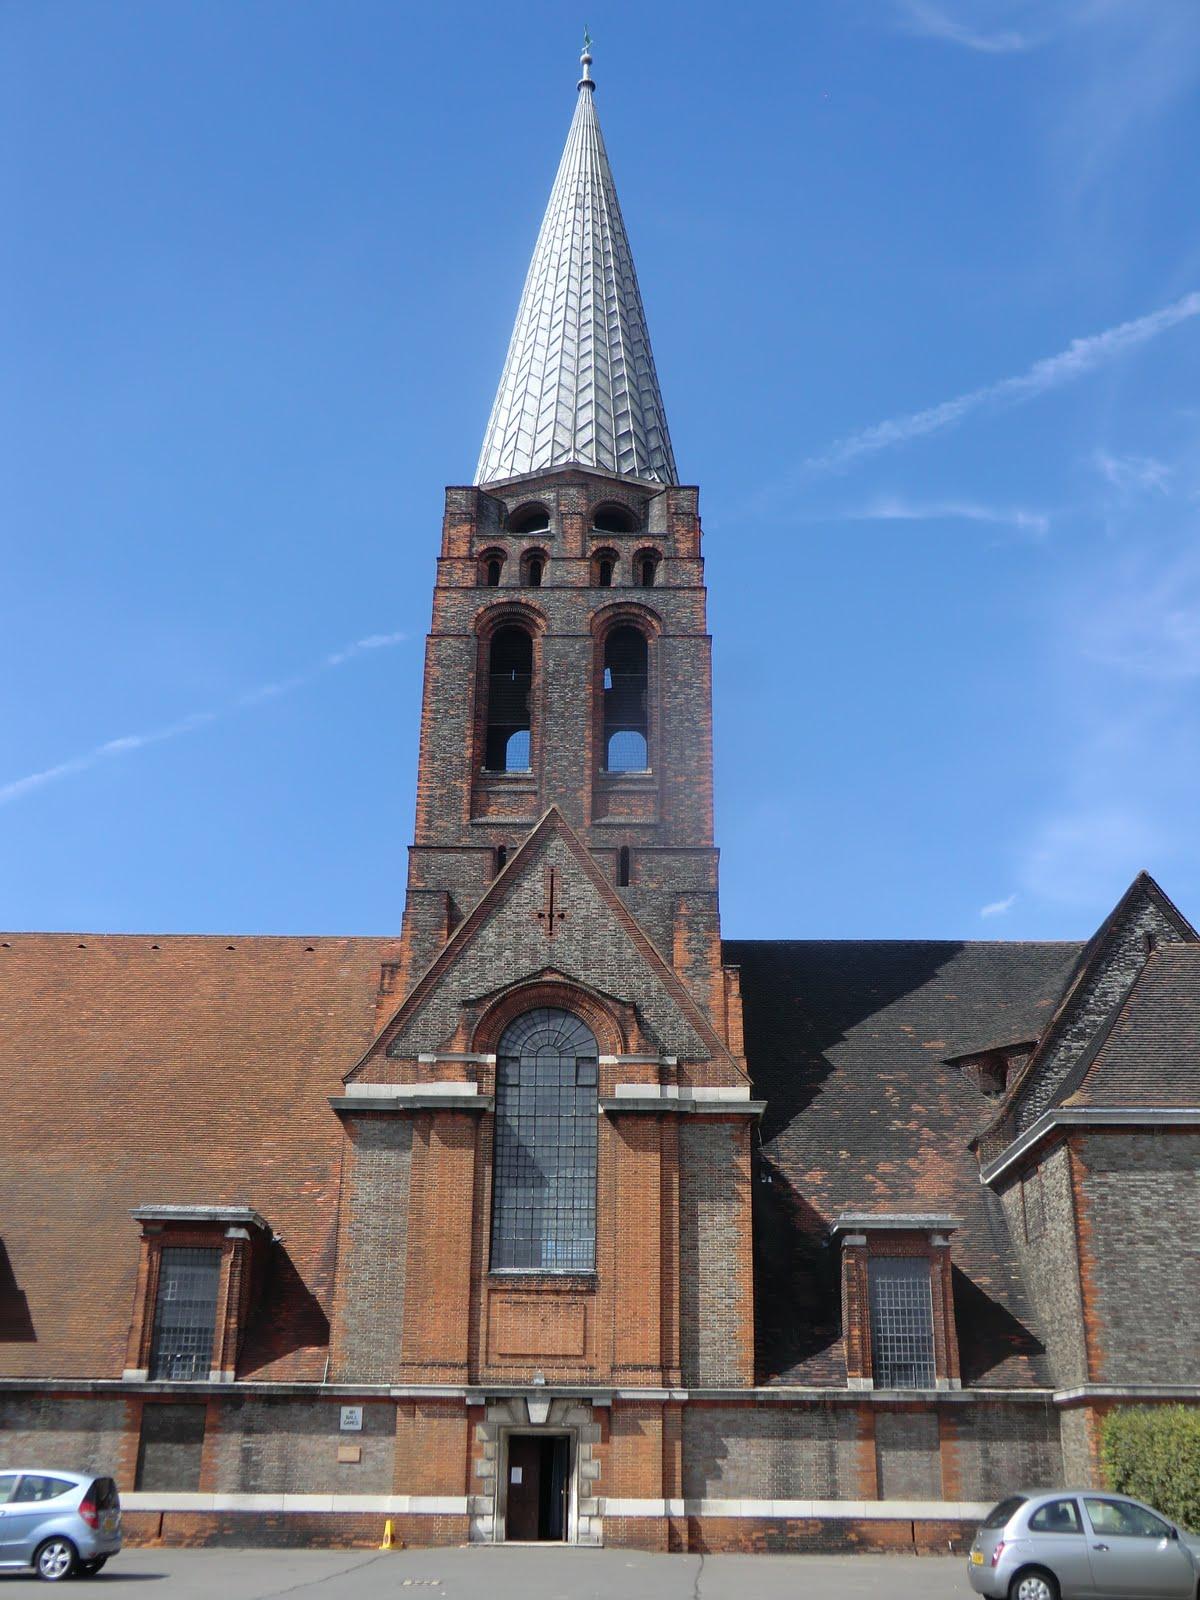 CIMG9574 St Jude's church, Hampstead Garden Suburb